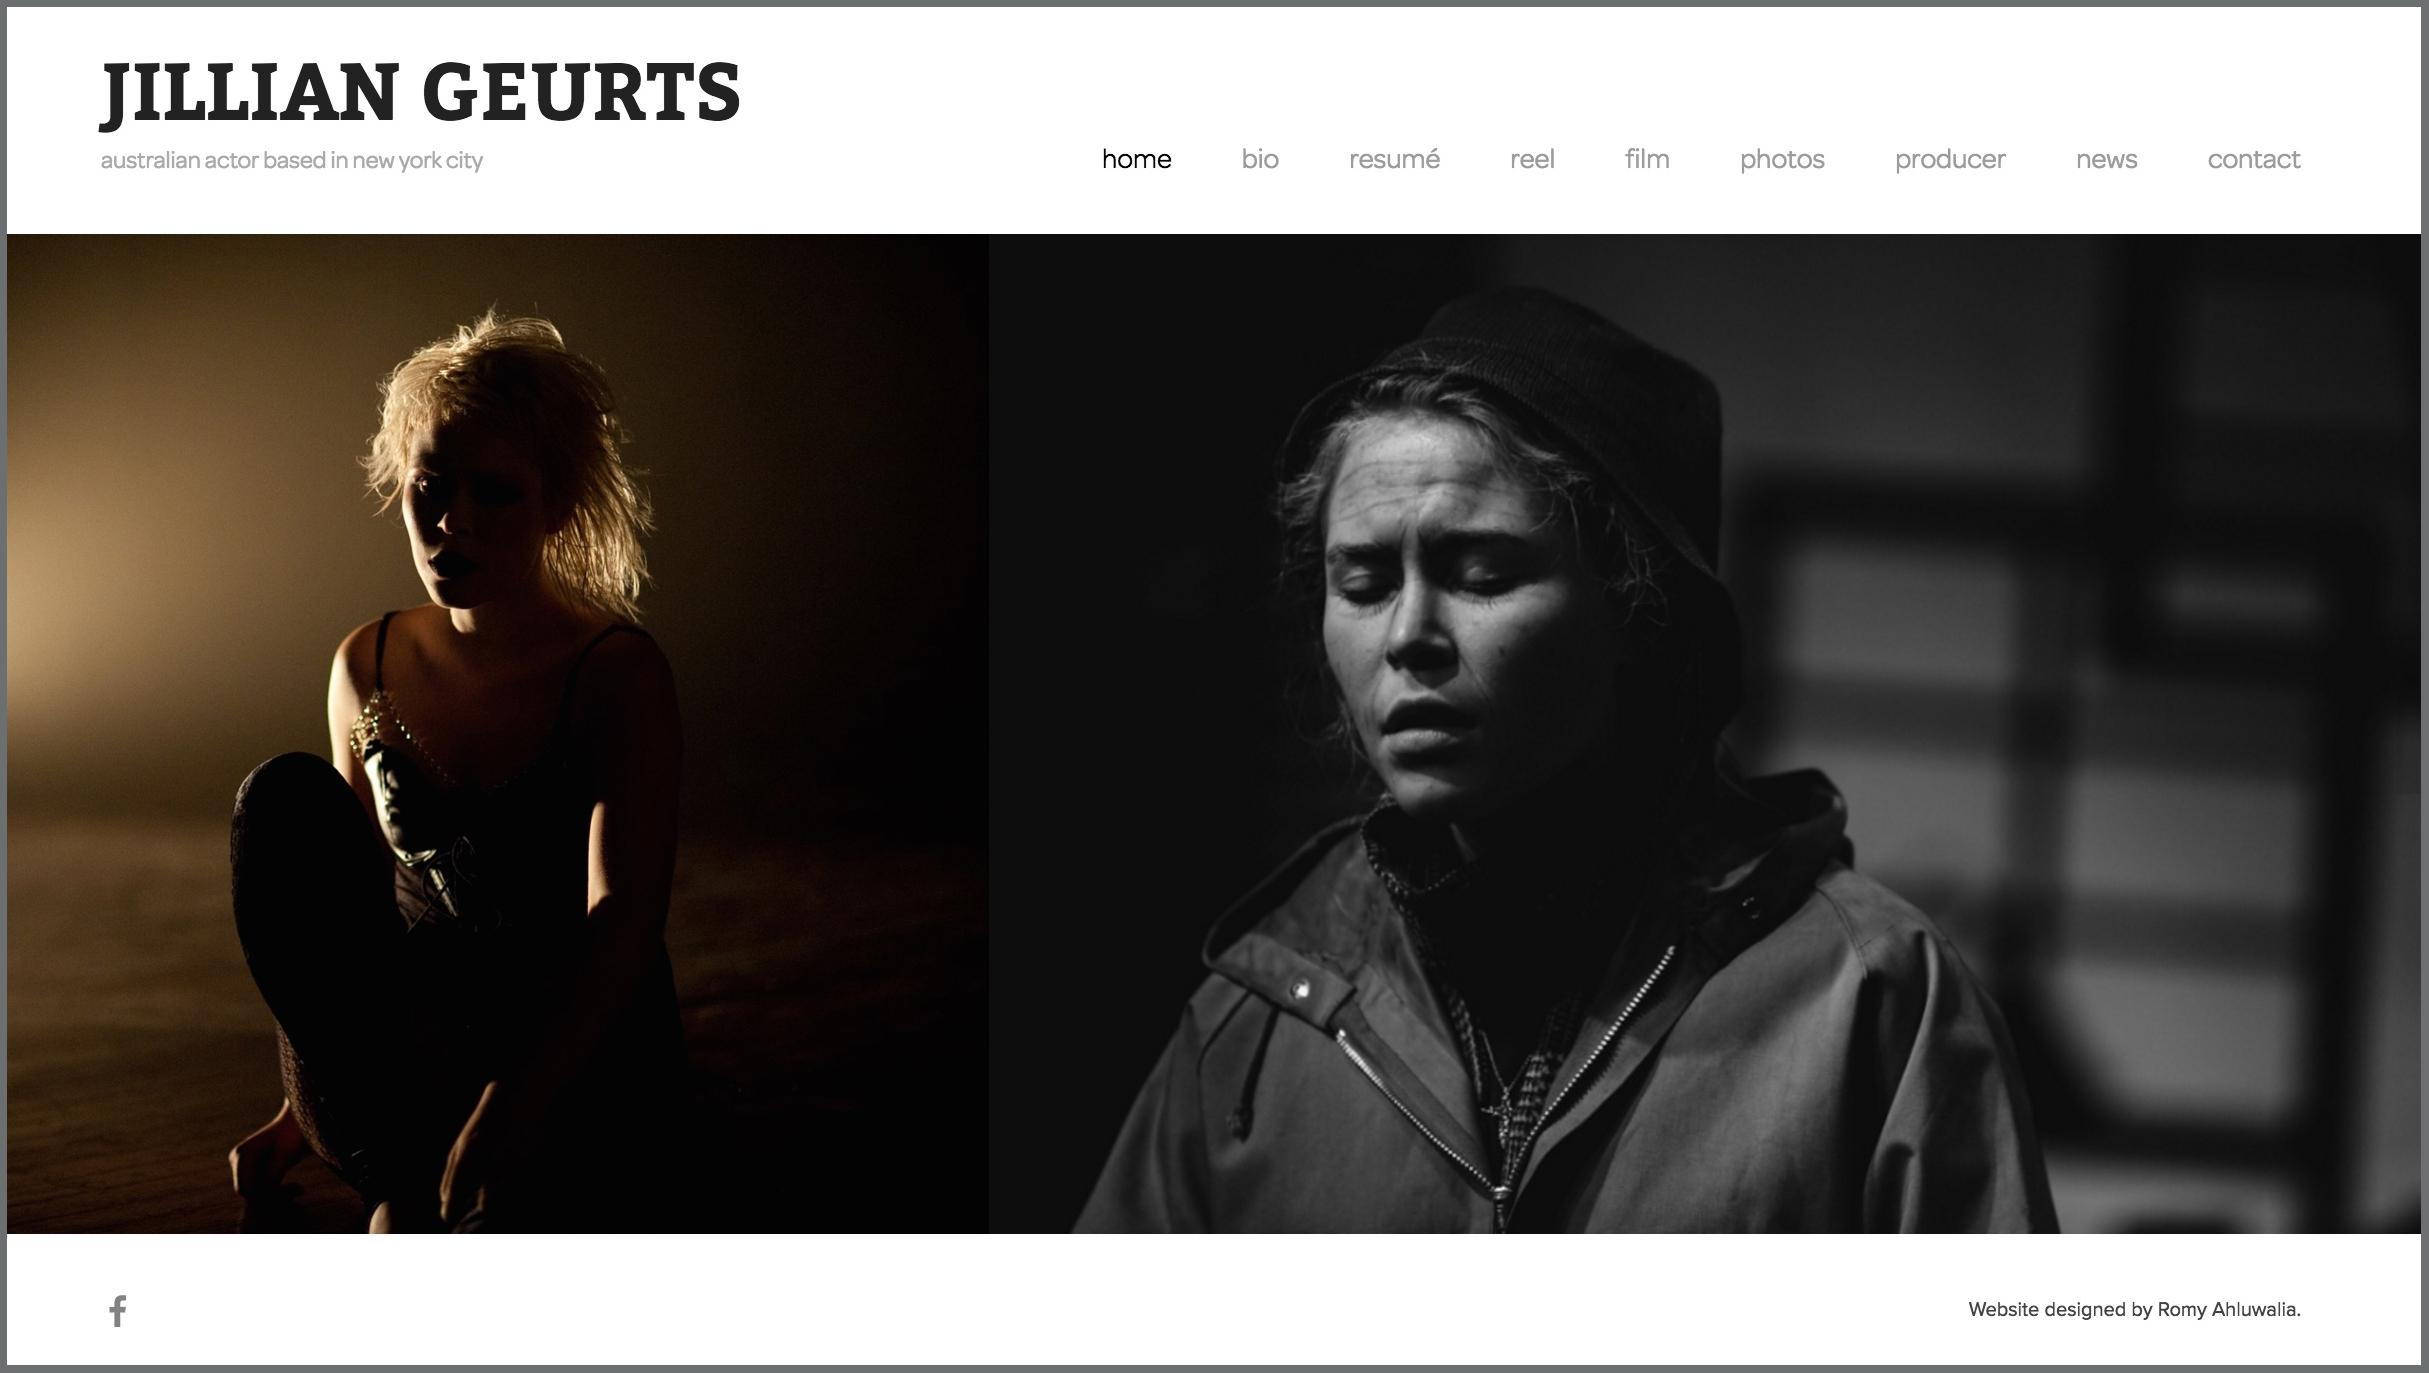 JILLIAN GEURTS / actress